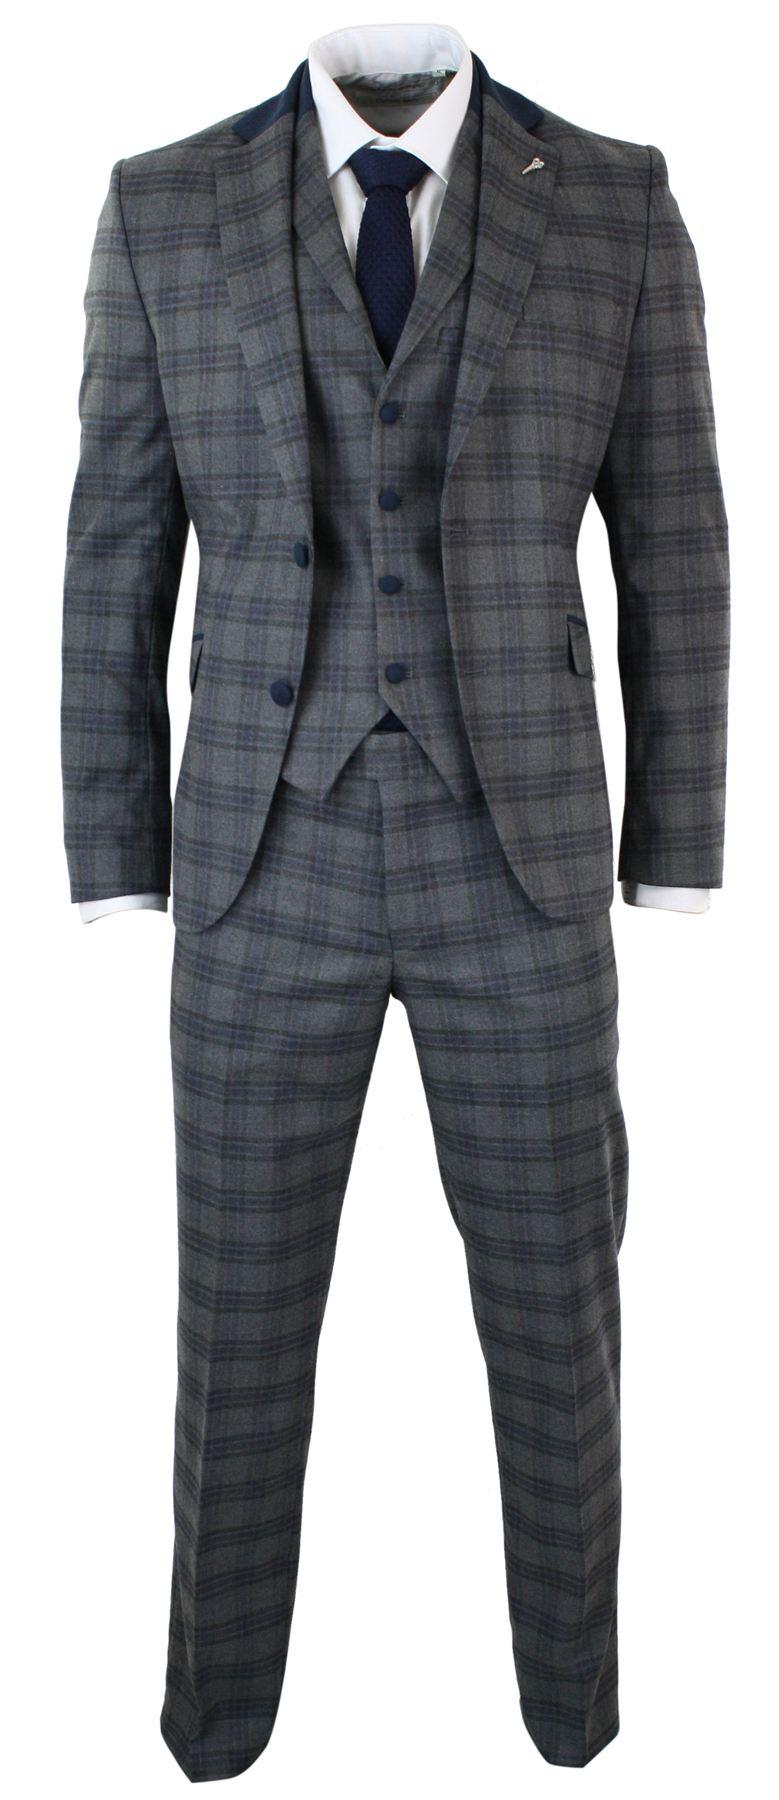 costume tweed gris homme 3 pi ces carreaux bleu marine. Black Bedroom Furniture Sets. Home Design Ideas